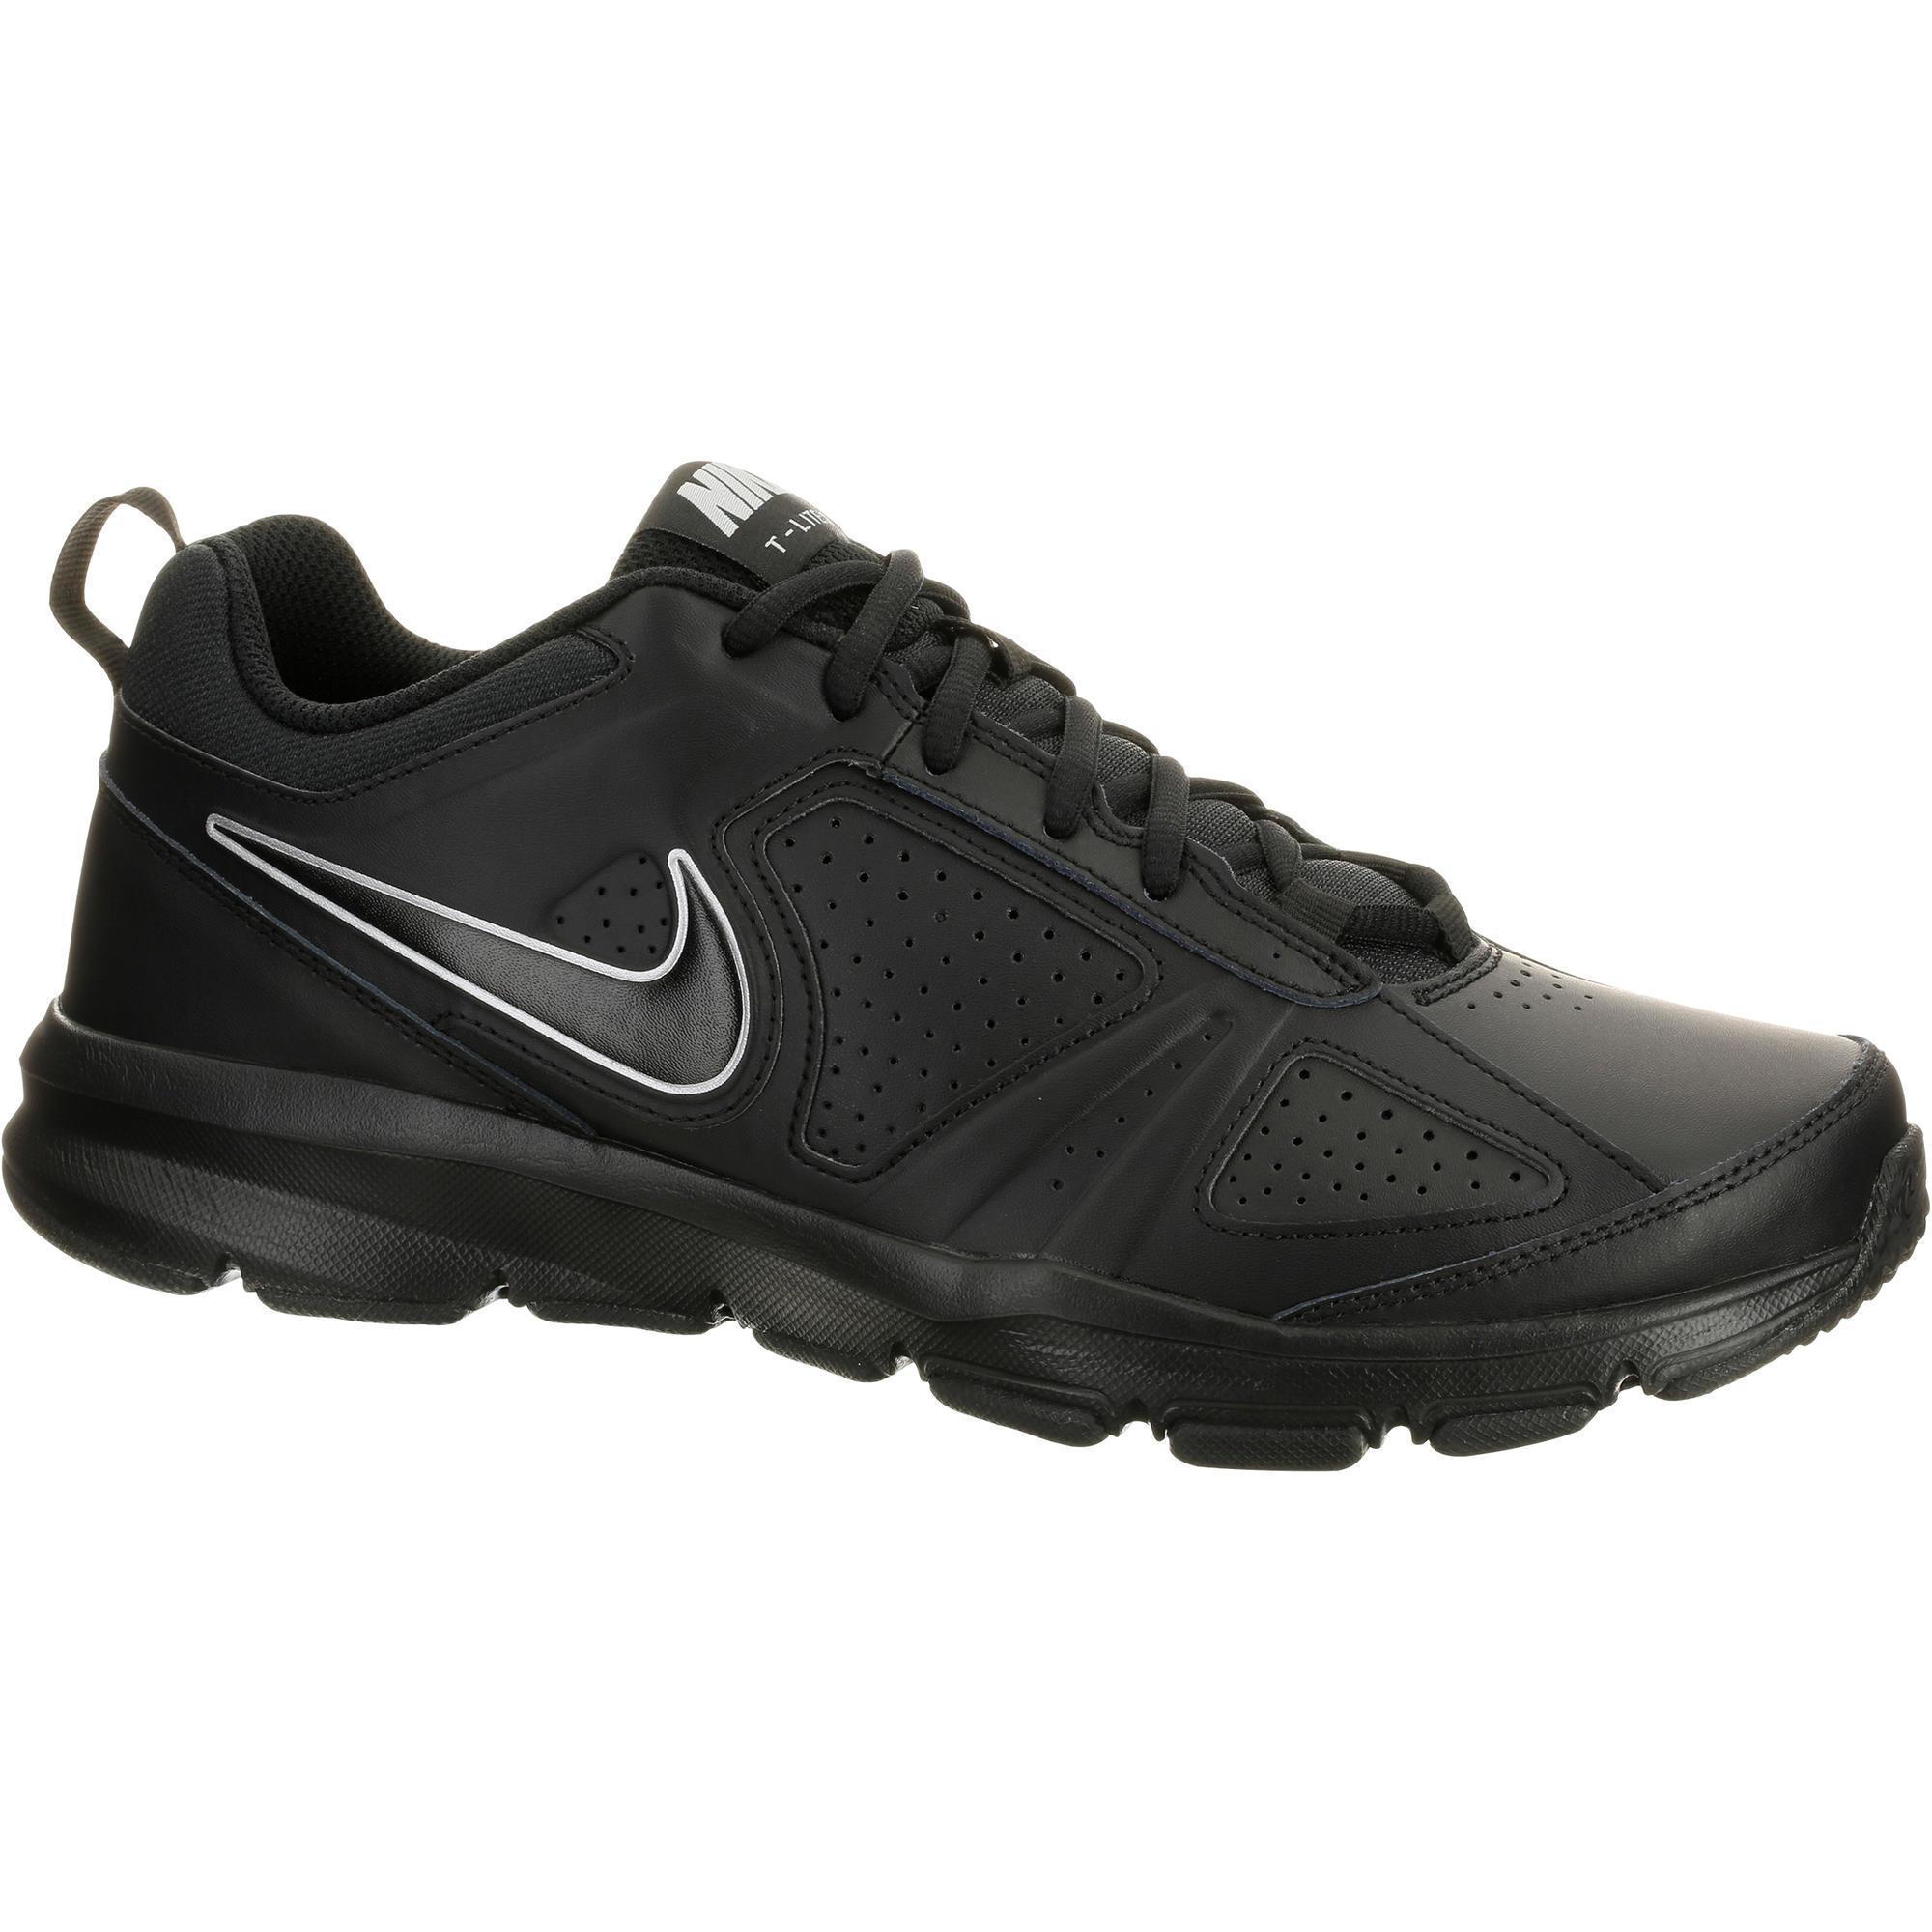 Chaussures homme NikeT-Lite - Noir, Du 39 au 47